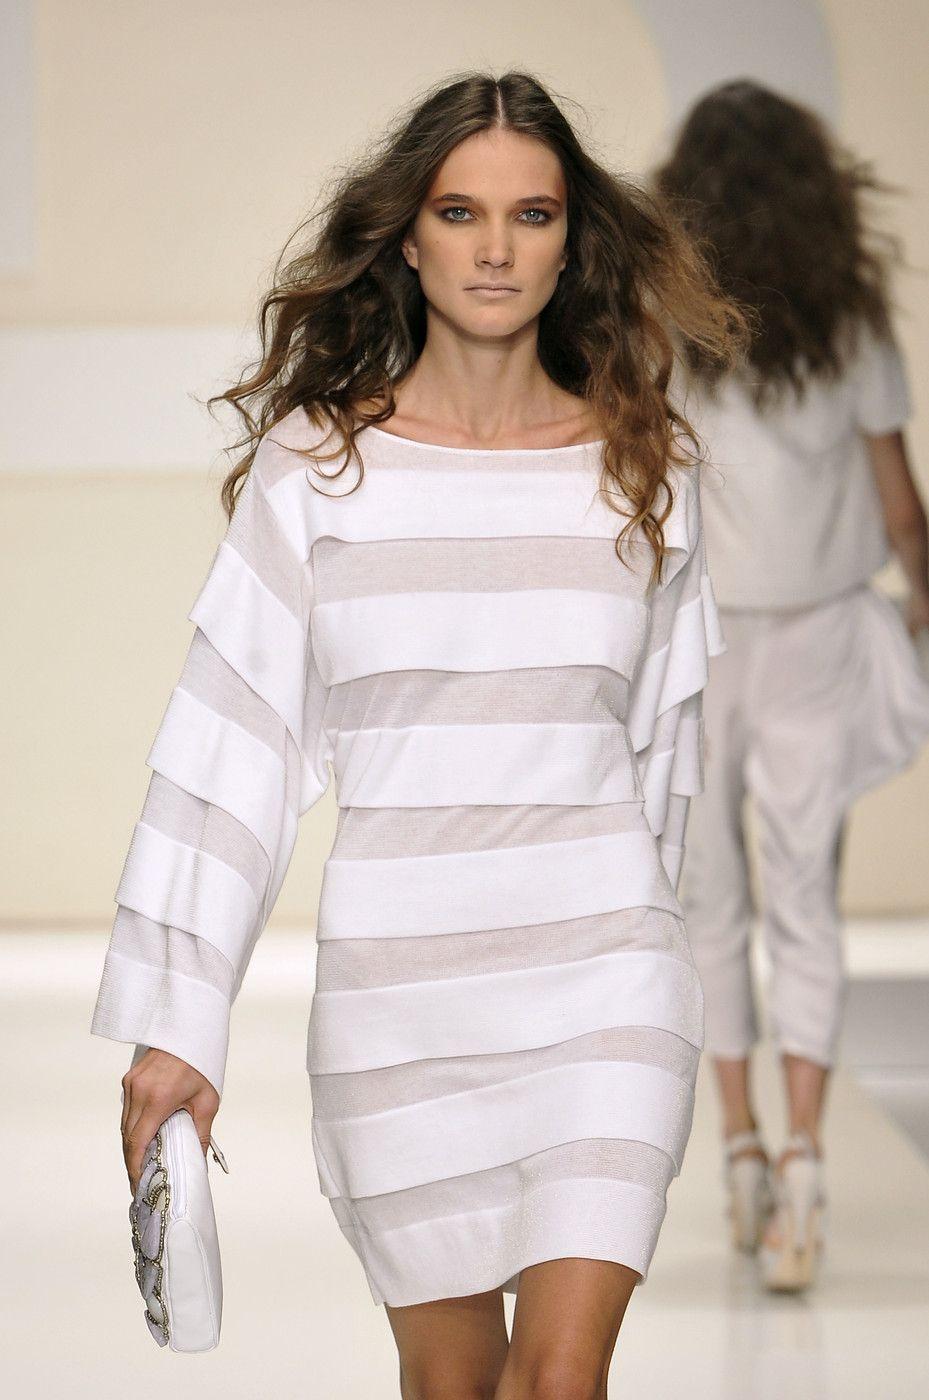 Laura Biagiotti at Milan Fashion Week Spring 2010 - Runway Photos